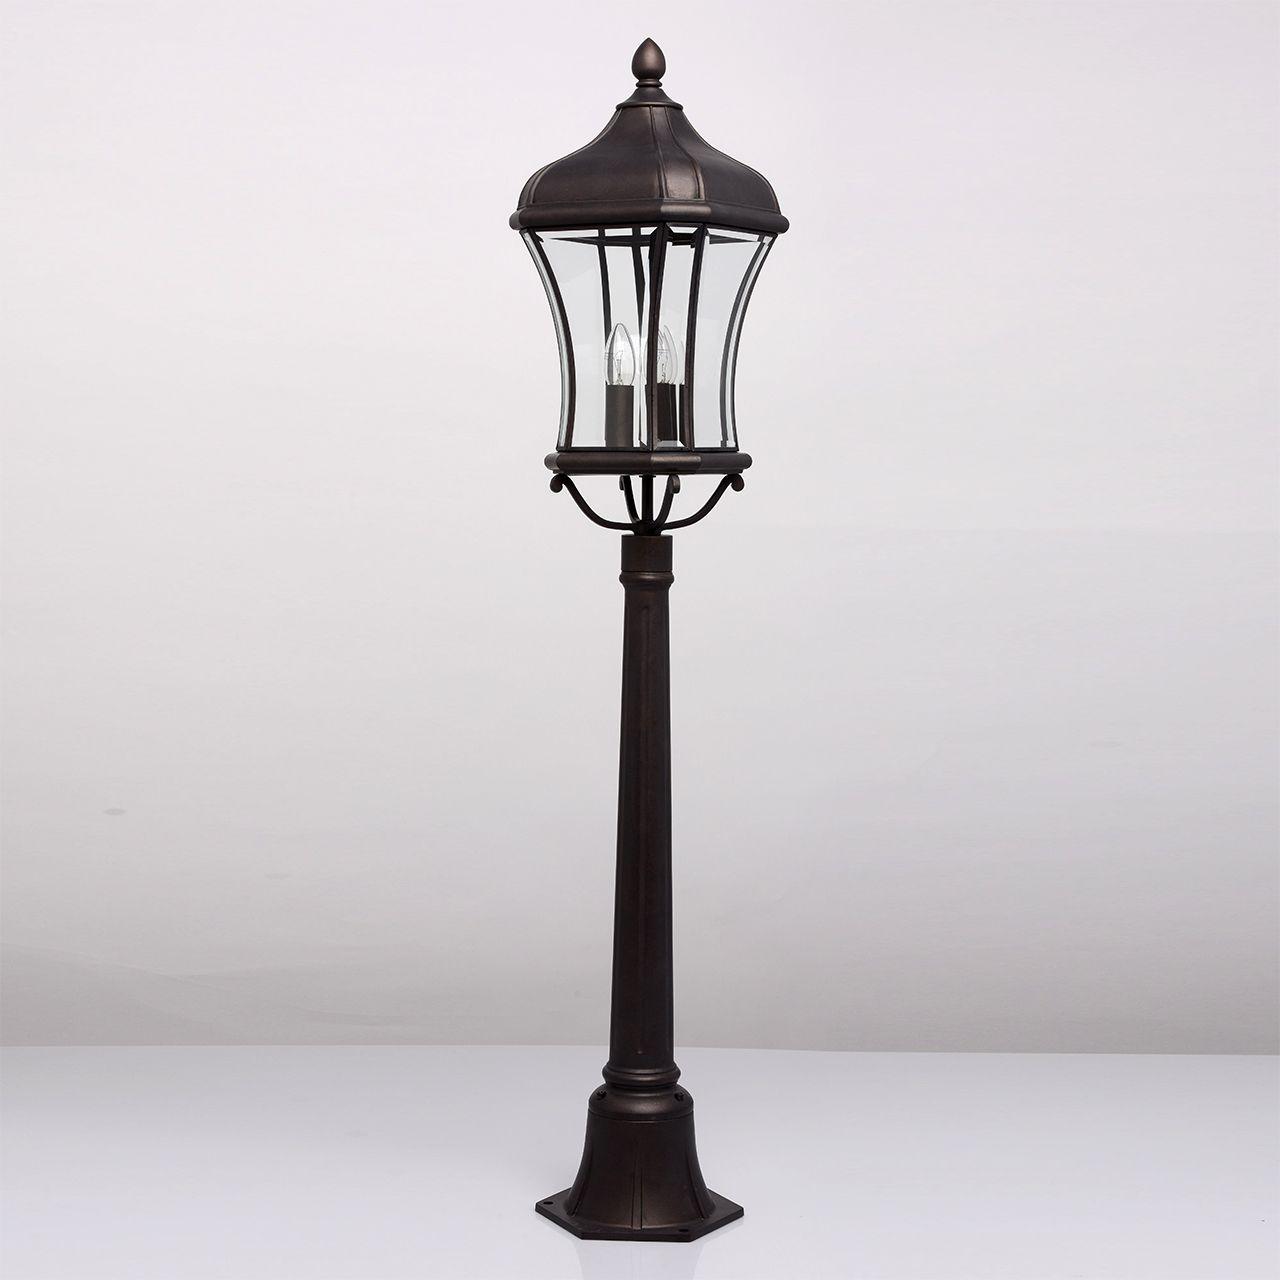 Фото уличных настенных светильников мебели